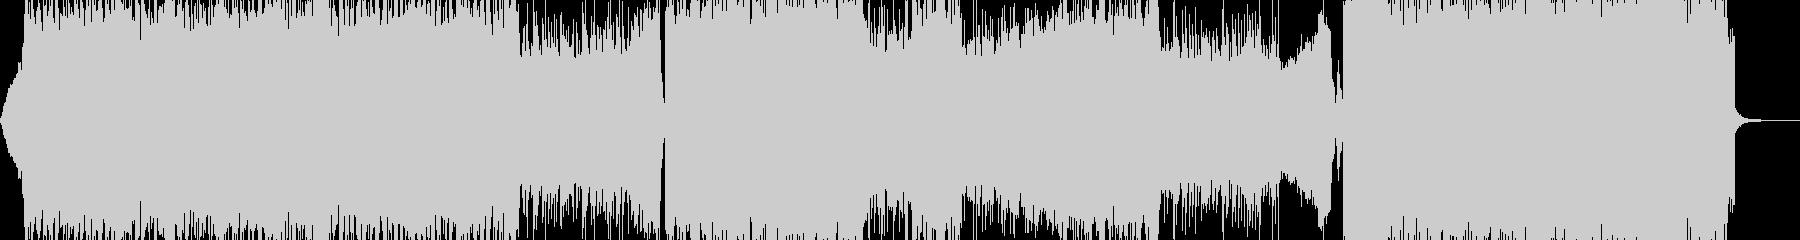 鬼・地獄の業火・ヘビー級ロック 長尺の未再生の波形